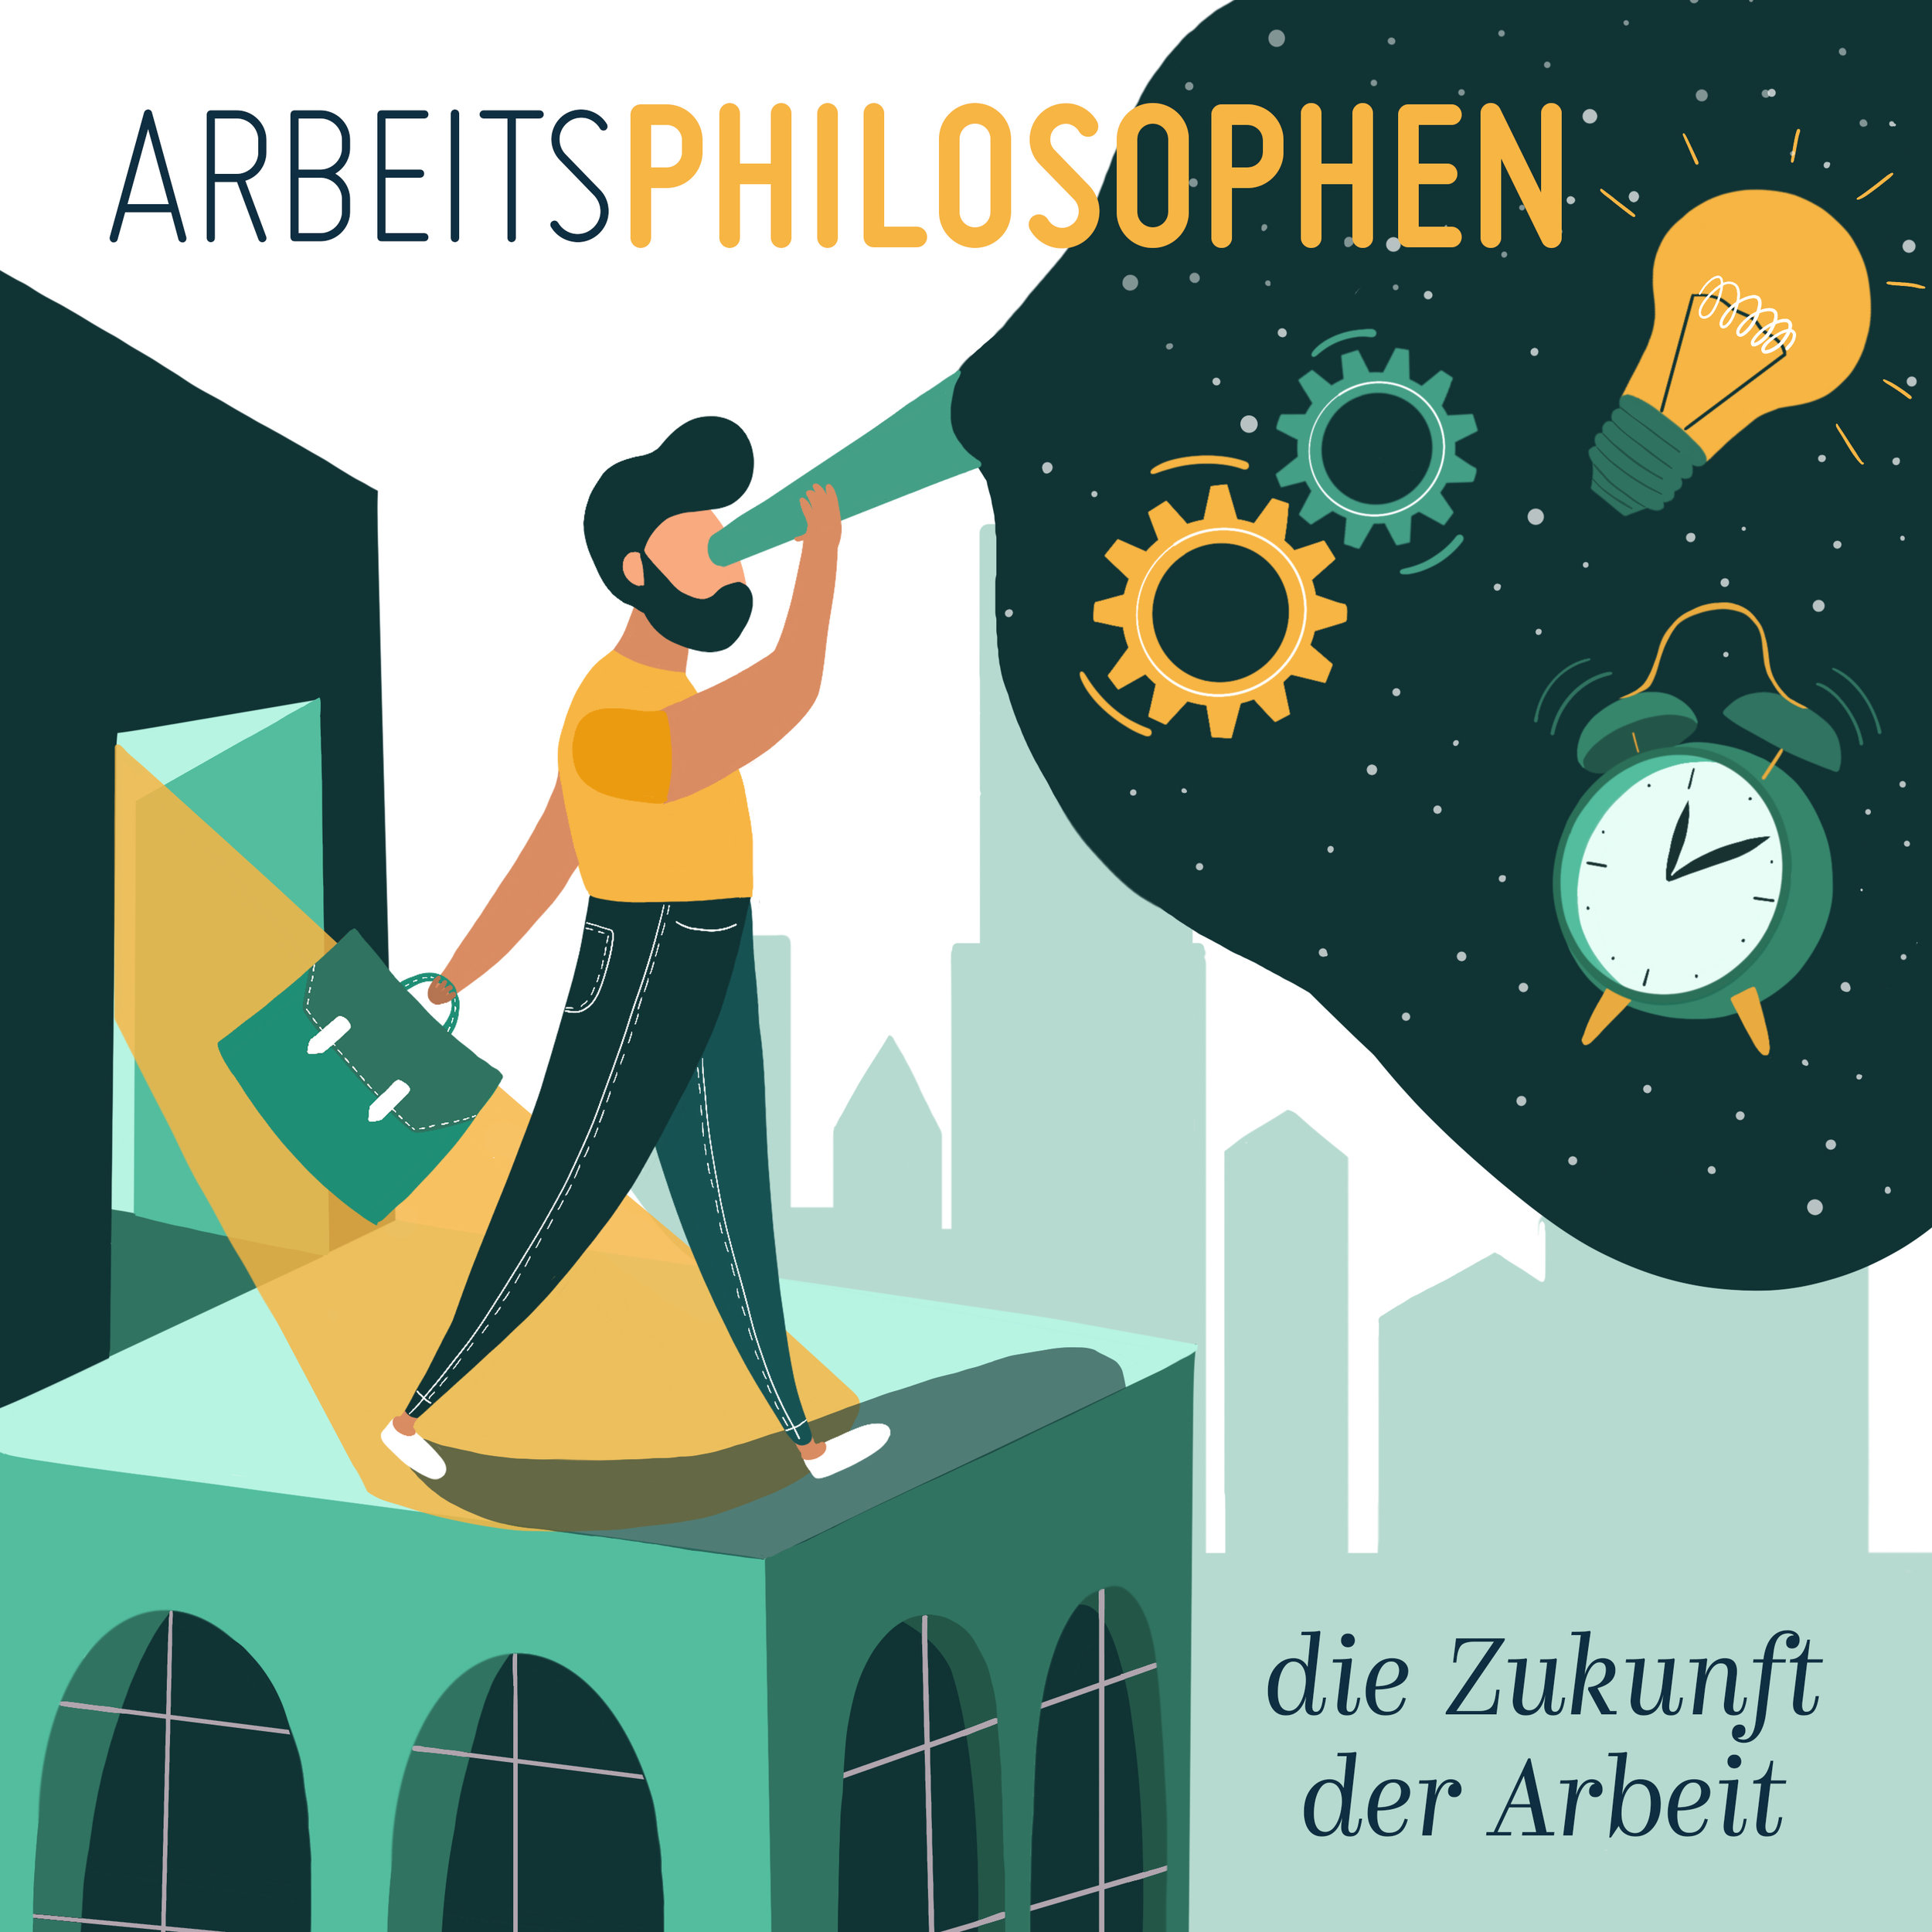 Podcastcover_Arbeitsphilosophen_01.jpg